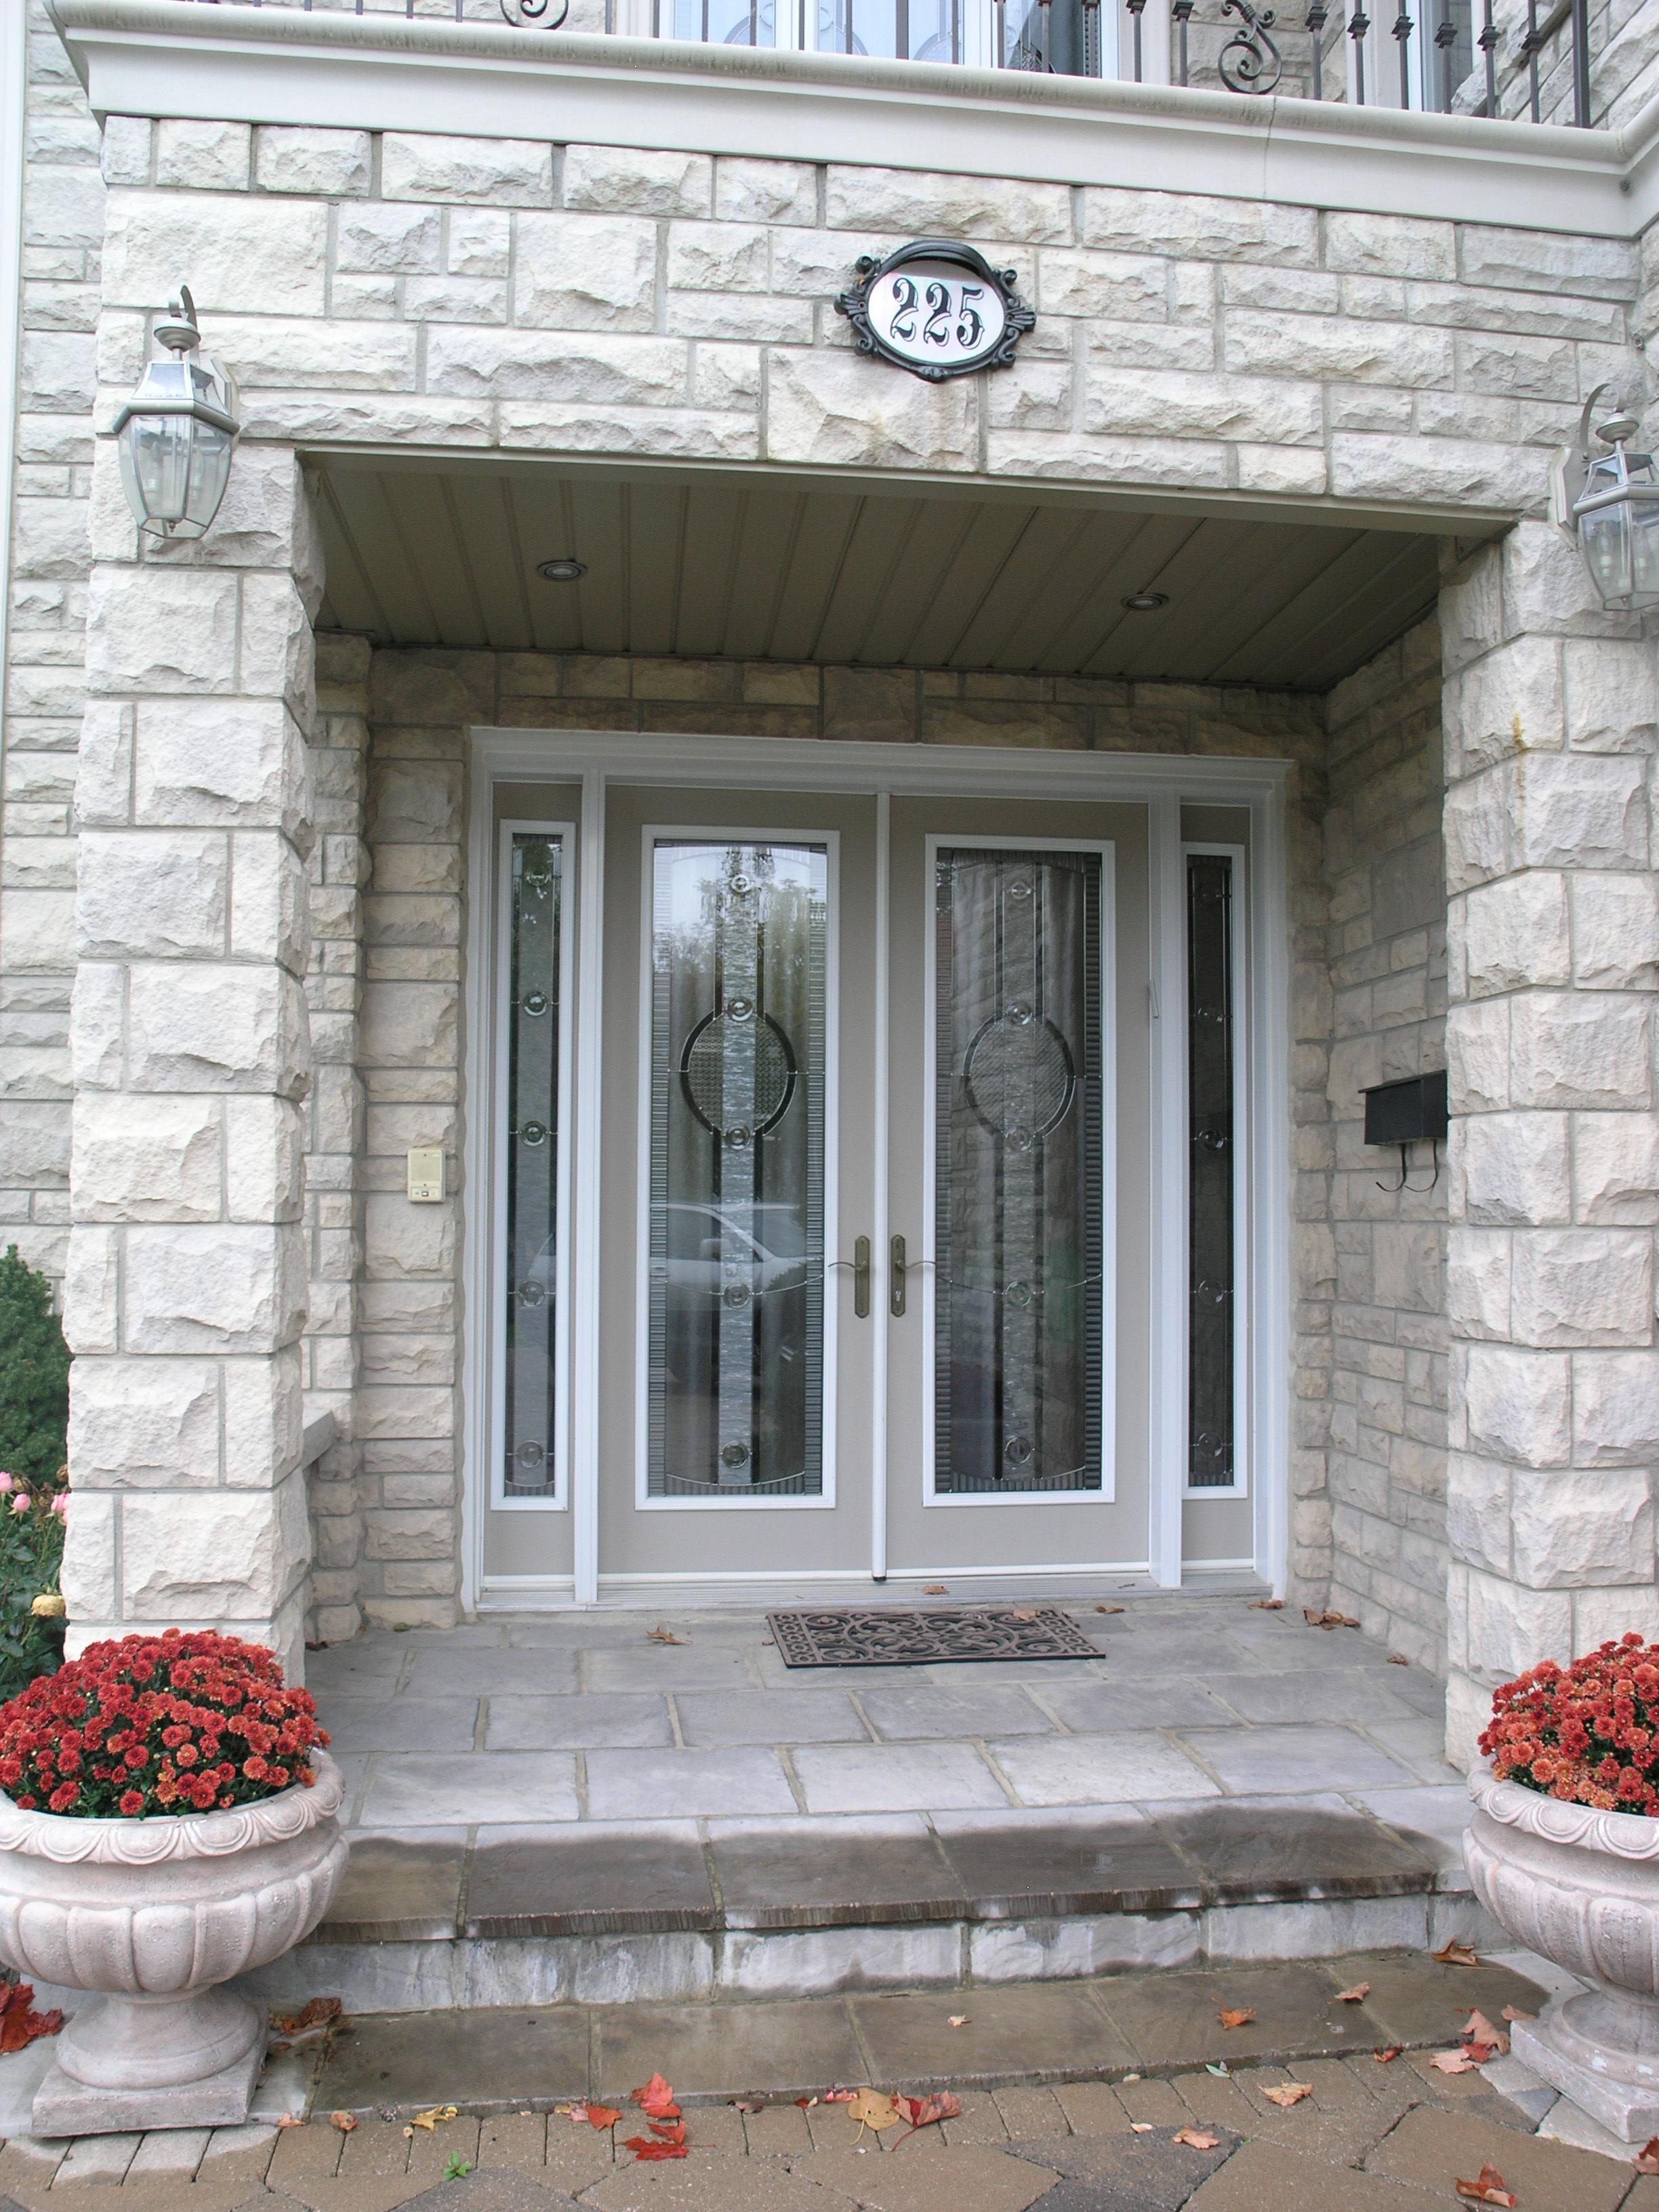 3264 #78413C 200 Series Insulated Steel Entrance Doors Fibertec Windows & Doors  picture/photo Steel Insulated Exterior Doors 40692448